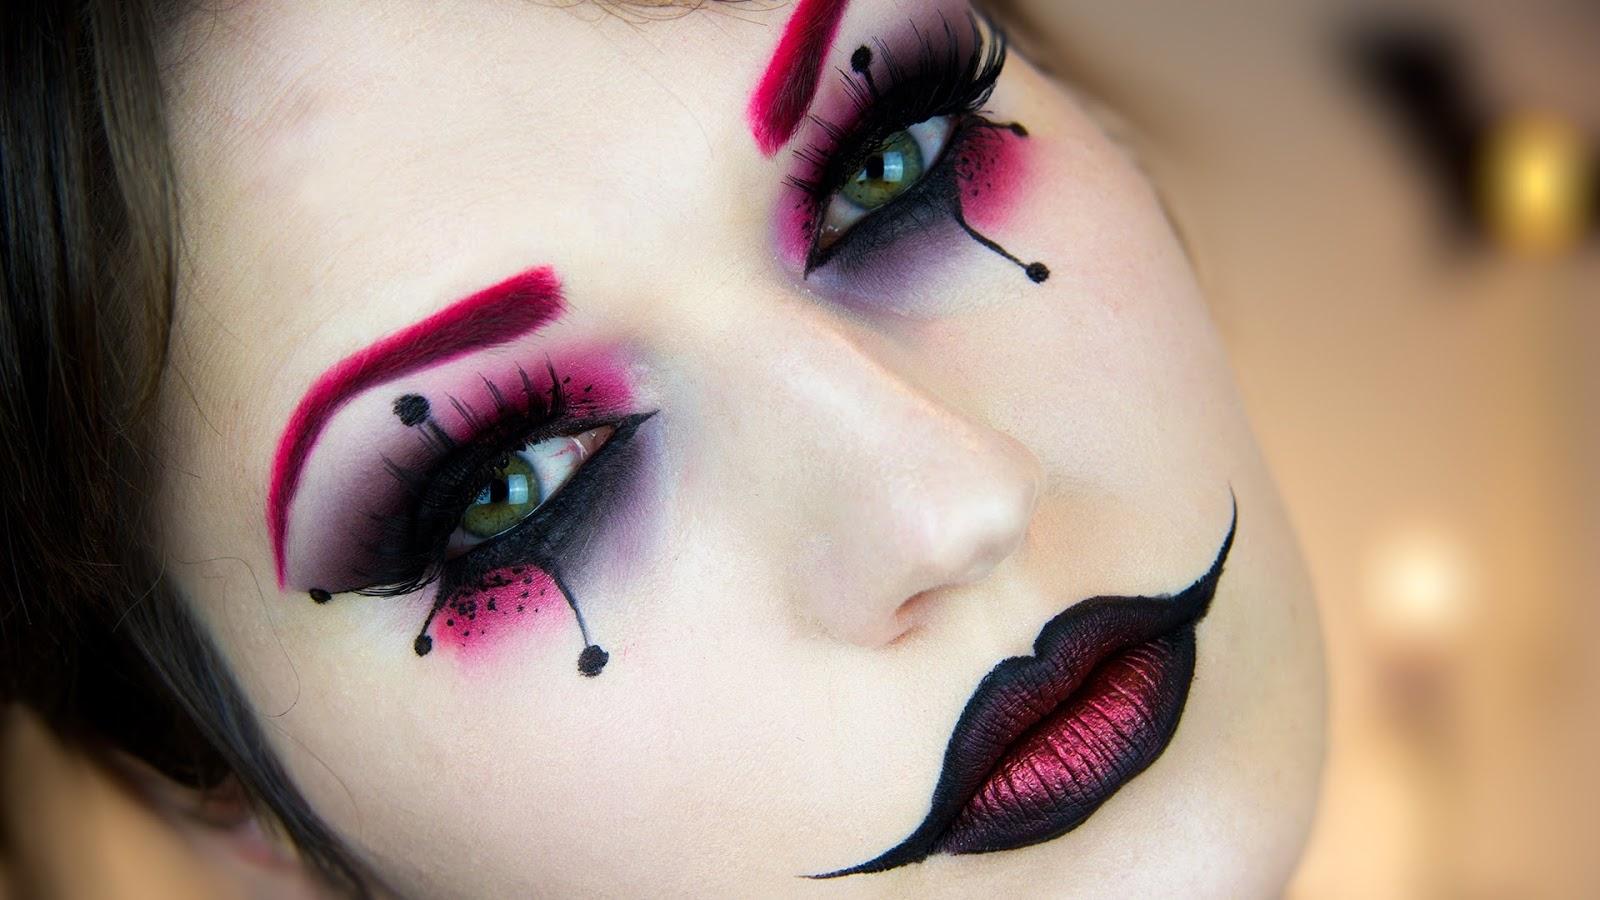 10 Bellesalud Halloween Maquillaje De Diablita Con Videos - Como-maquillar-a-una-diabla